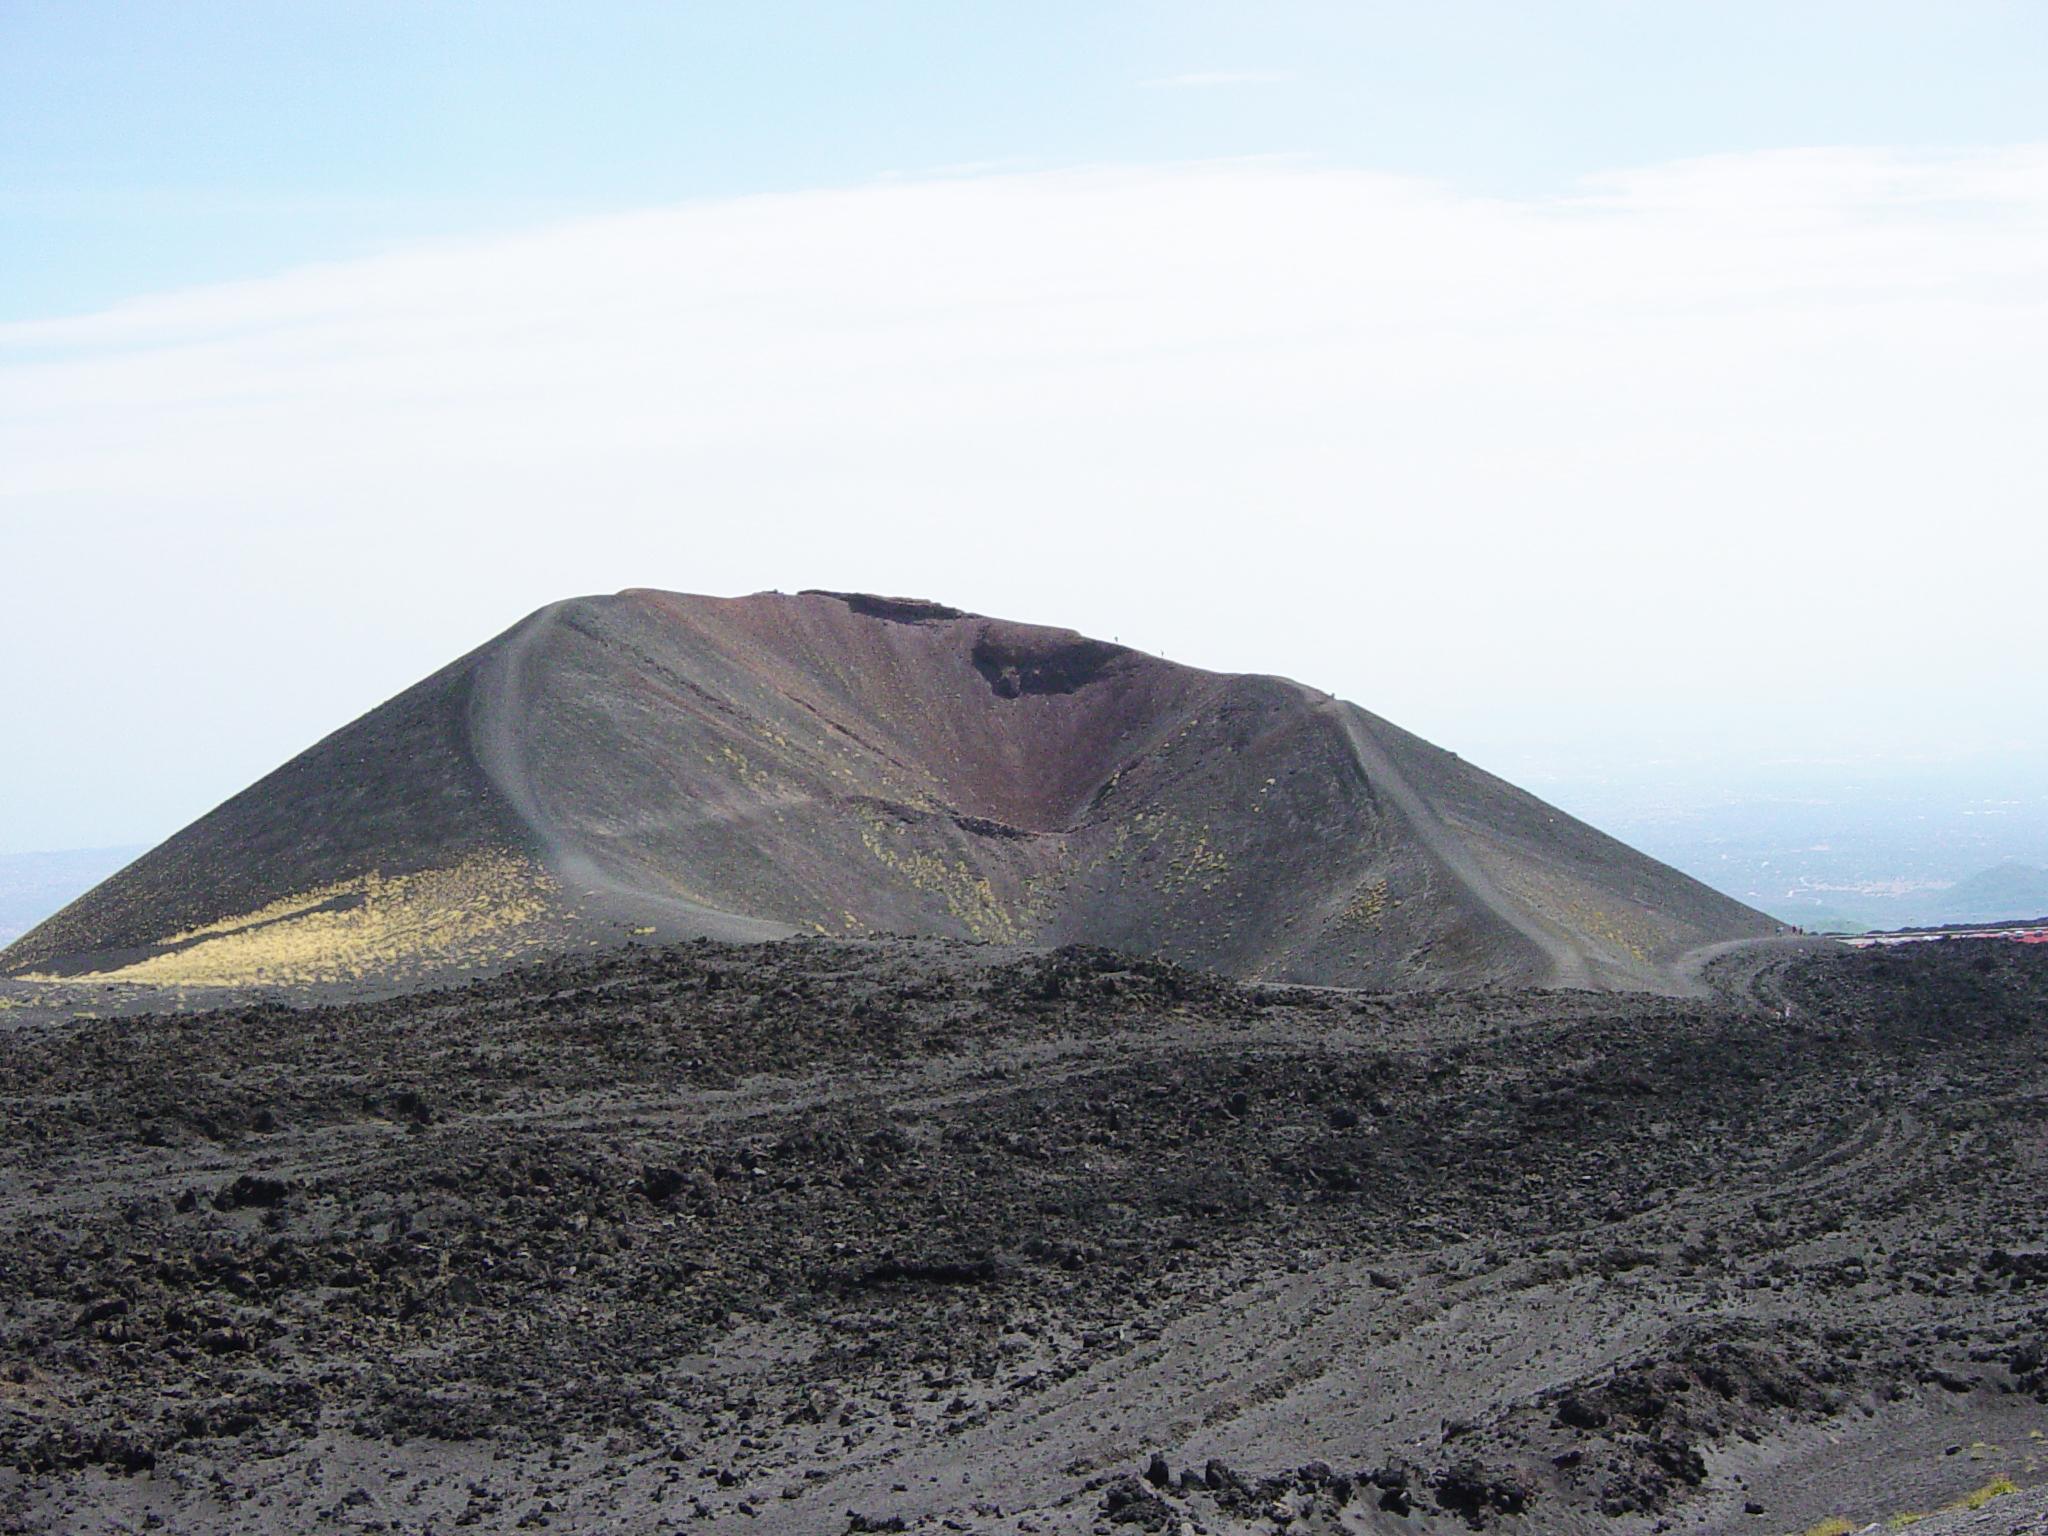 Les flancs de l'Etna